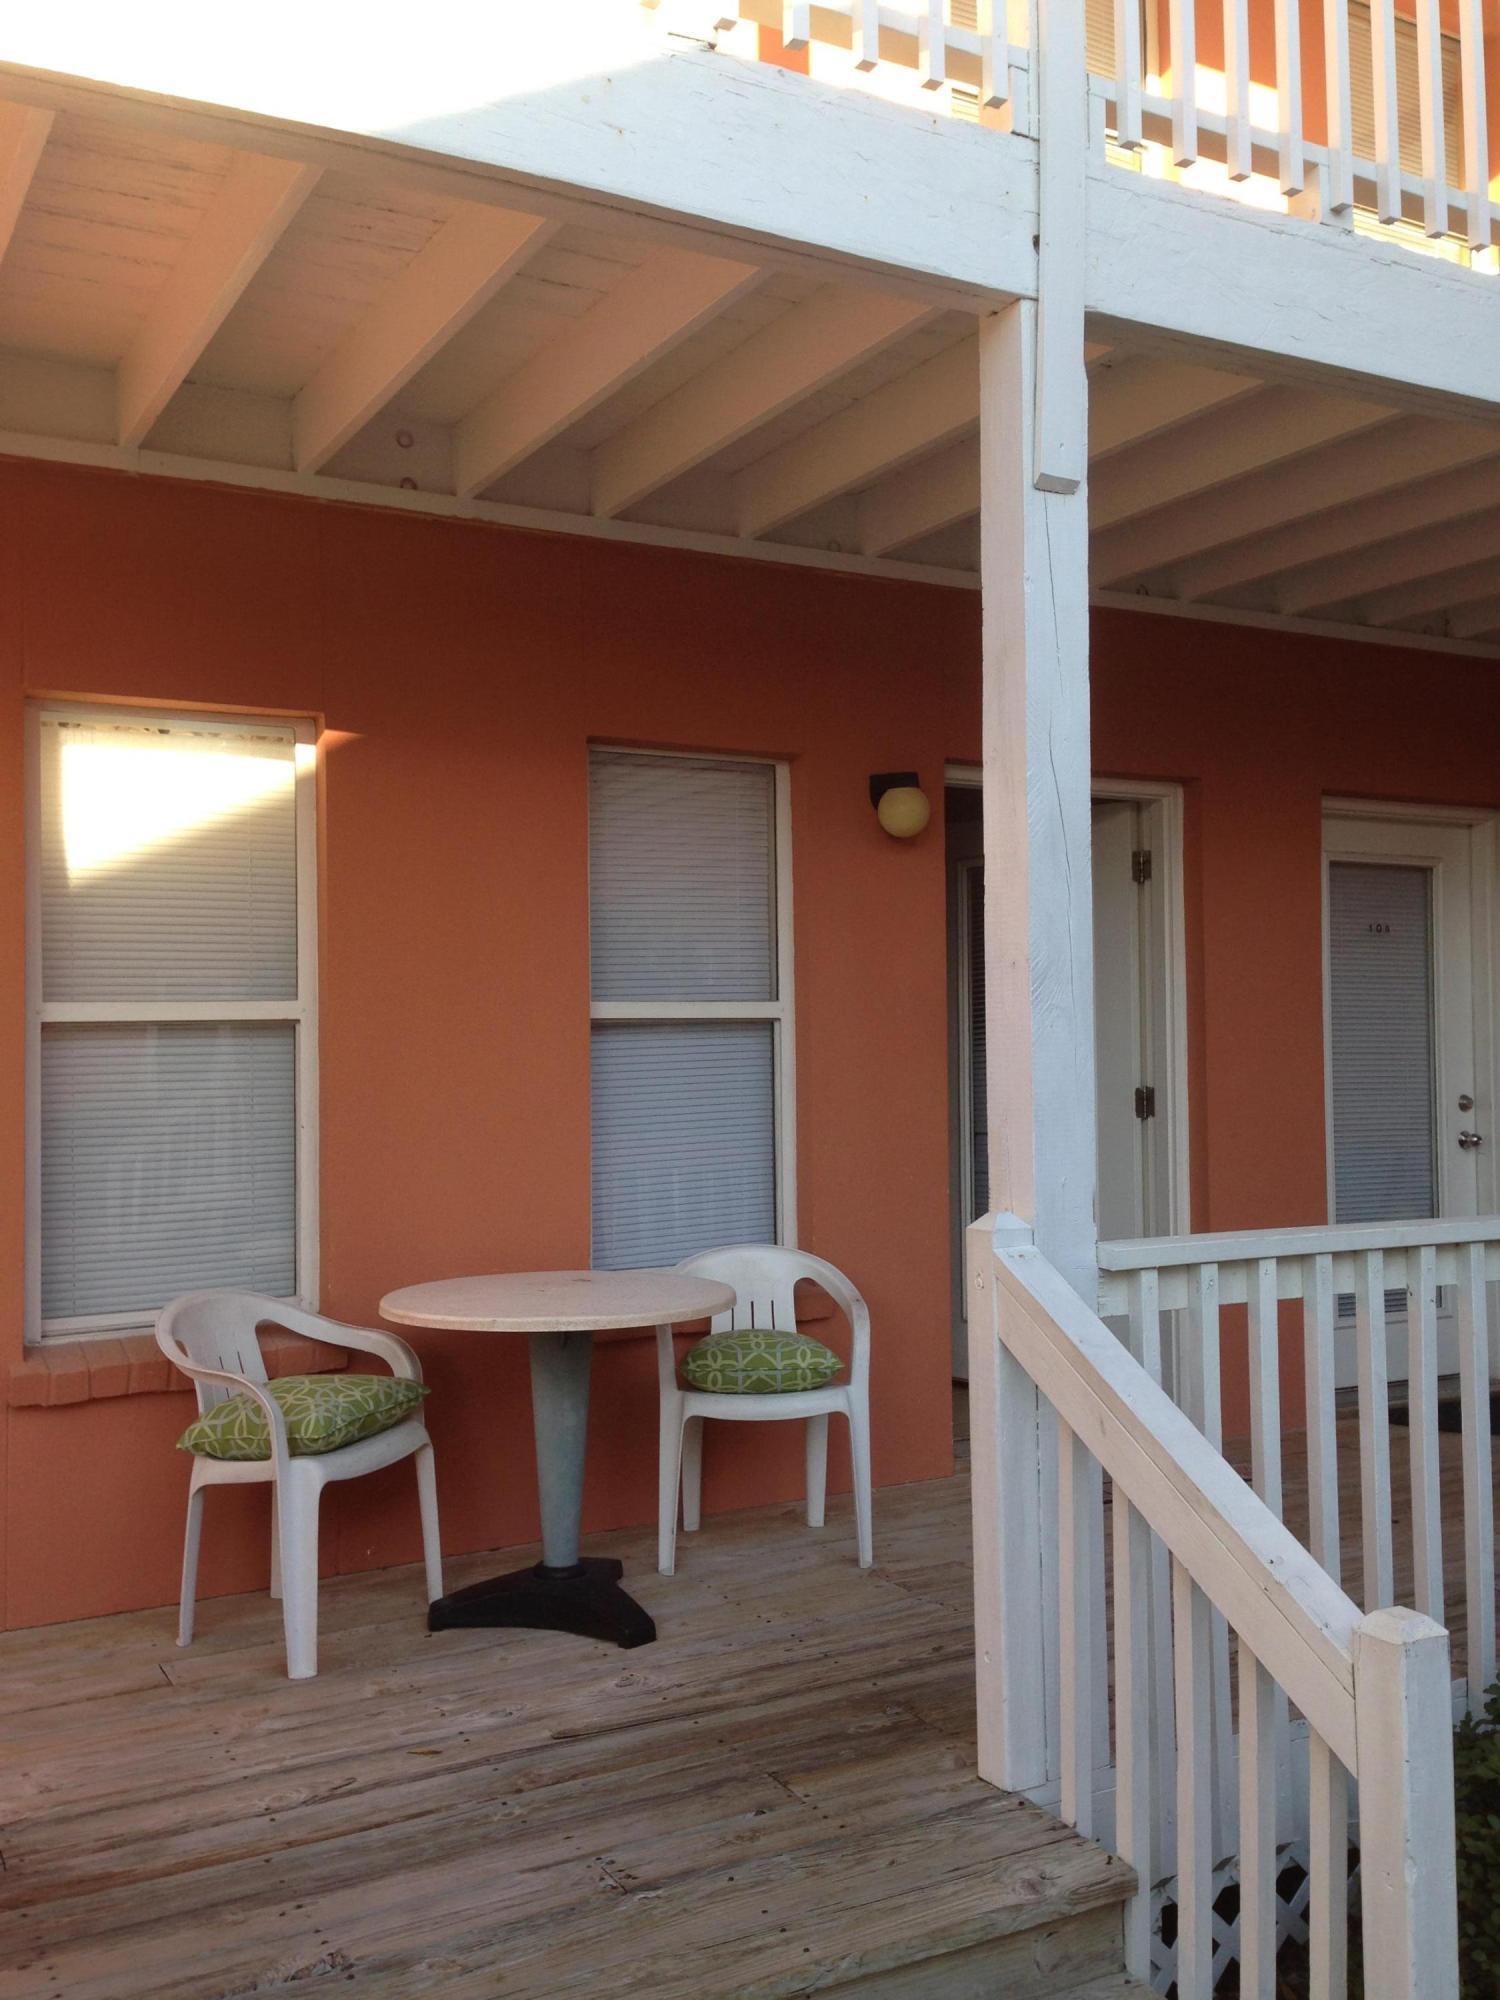 Ocean Inn Homes For Sale - 1100 Pavilion, Isle of Palms, SC - 0